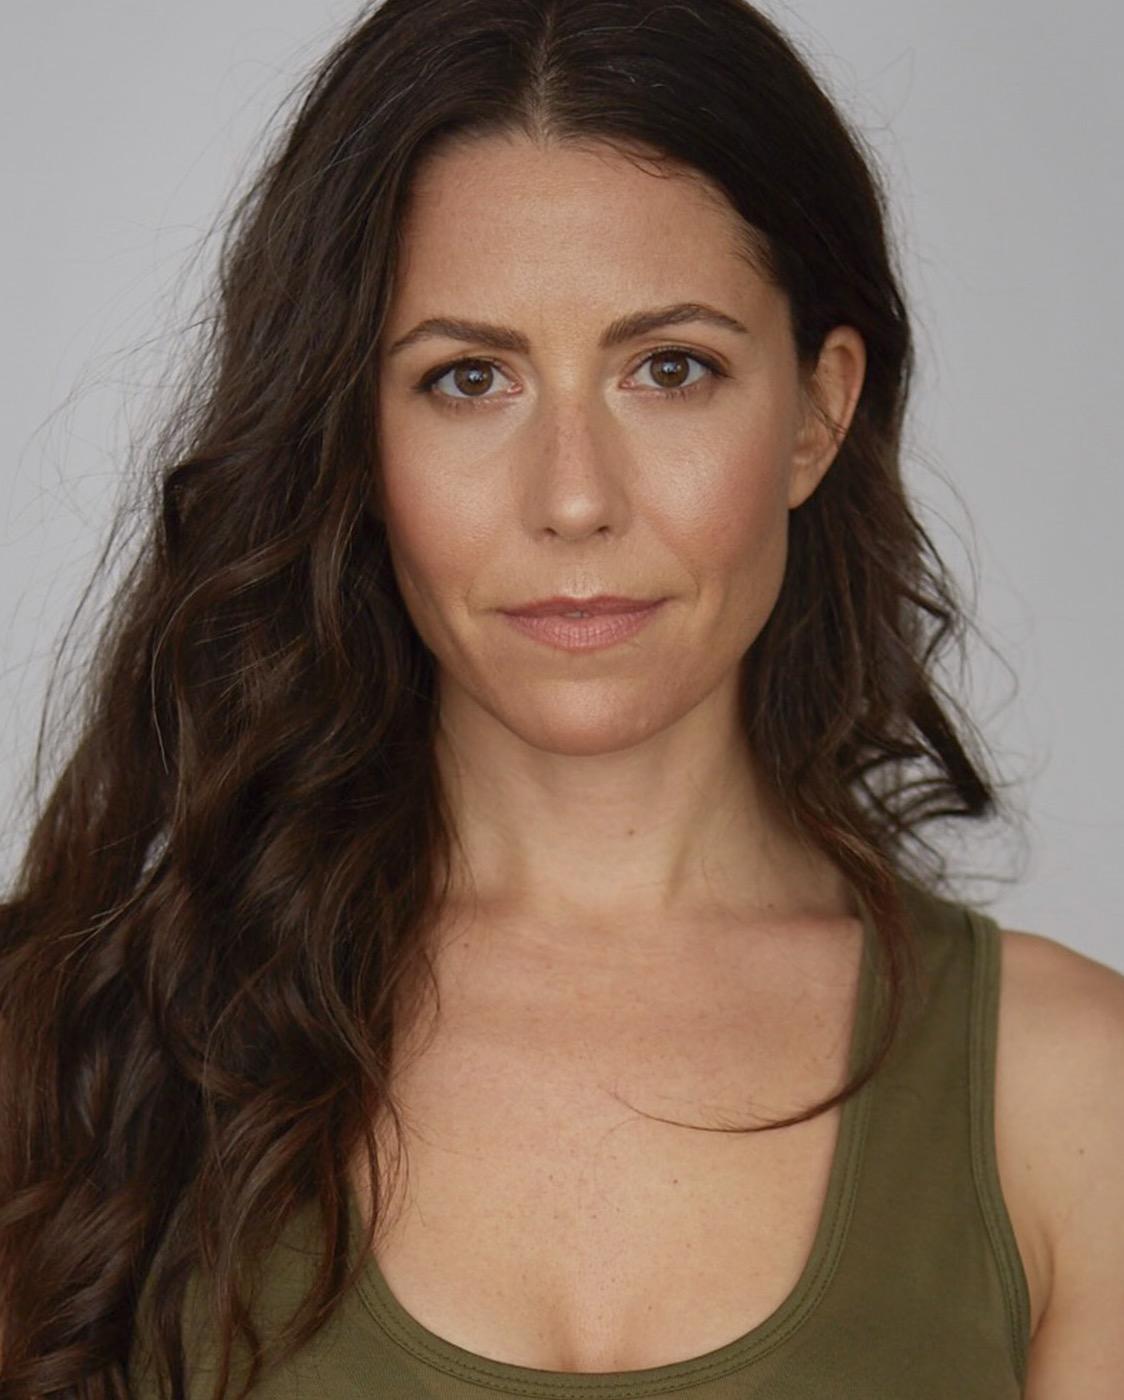 Lollie Jensen